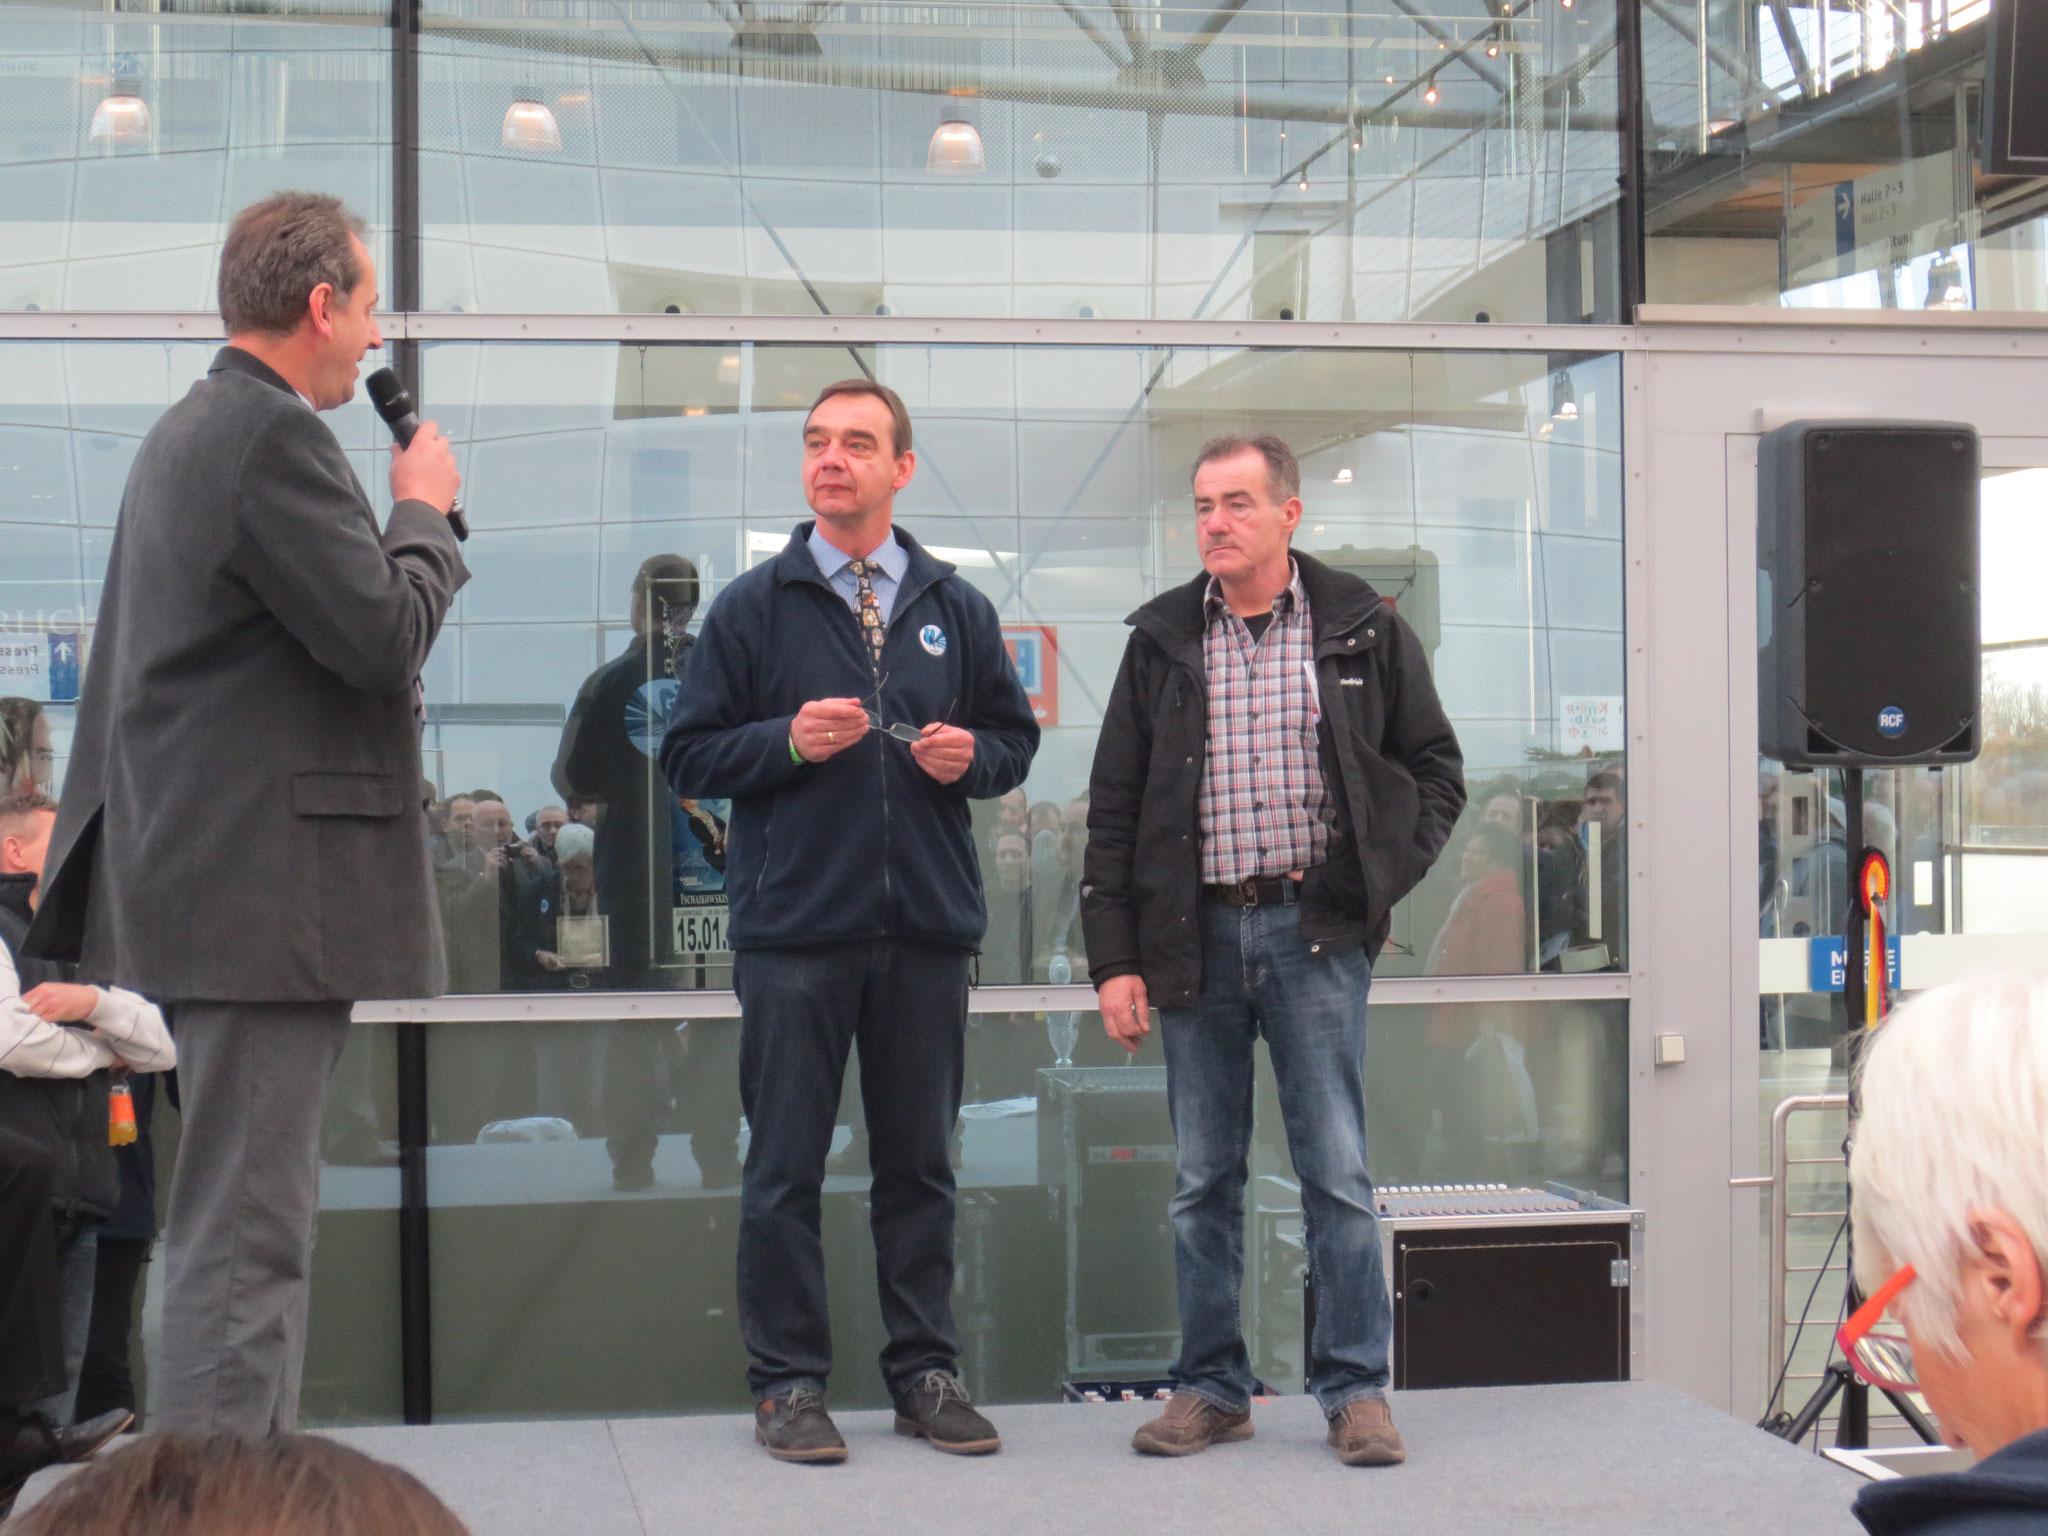 Bernd Rathert bedankt sich beim neuen VDT Vorsitzenden Götz Ziaja und Ausstellungsleiter Holger Kaps, für die Durchführung der VDT-Schau 2016